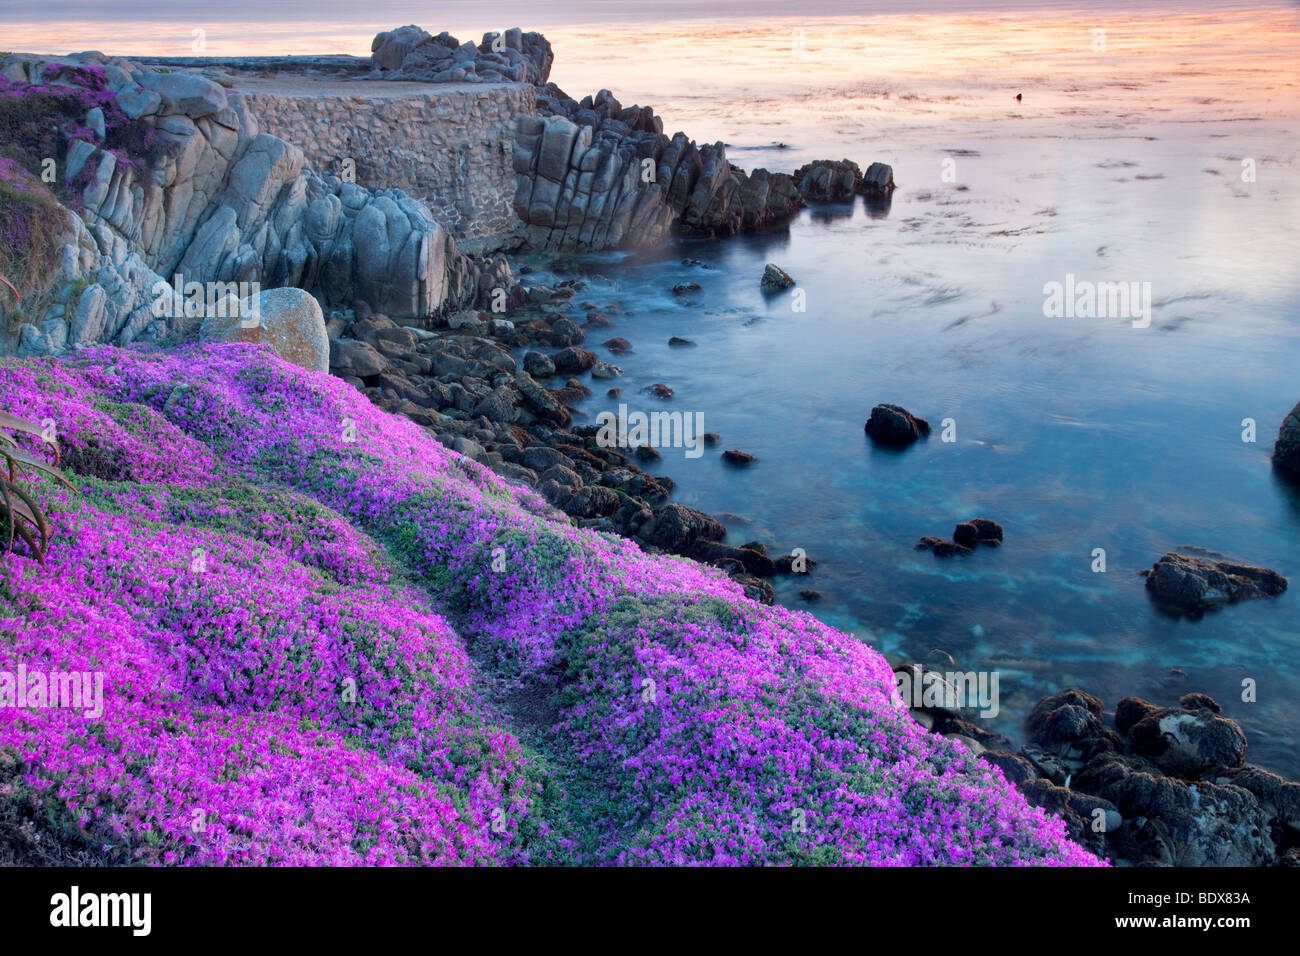 Fleurs violet usine à glace et l'océan. Pacific Grove, Californie Photo Stock